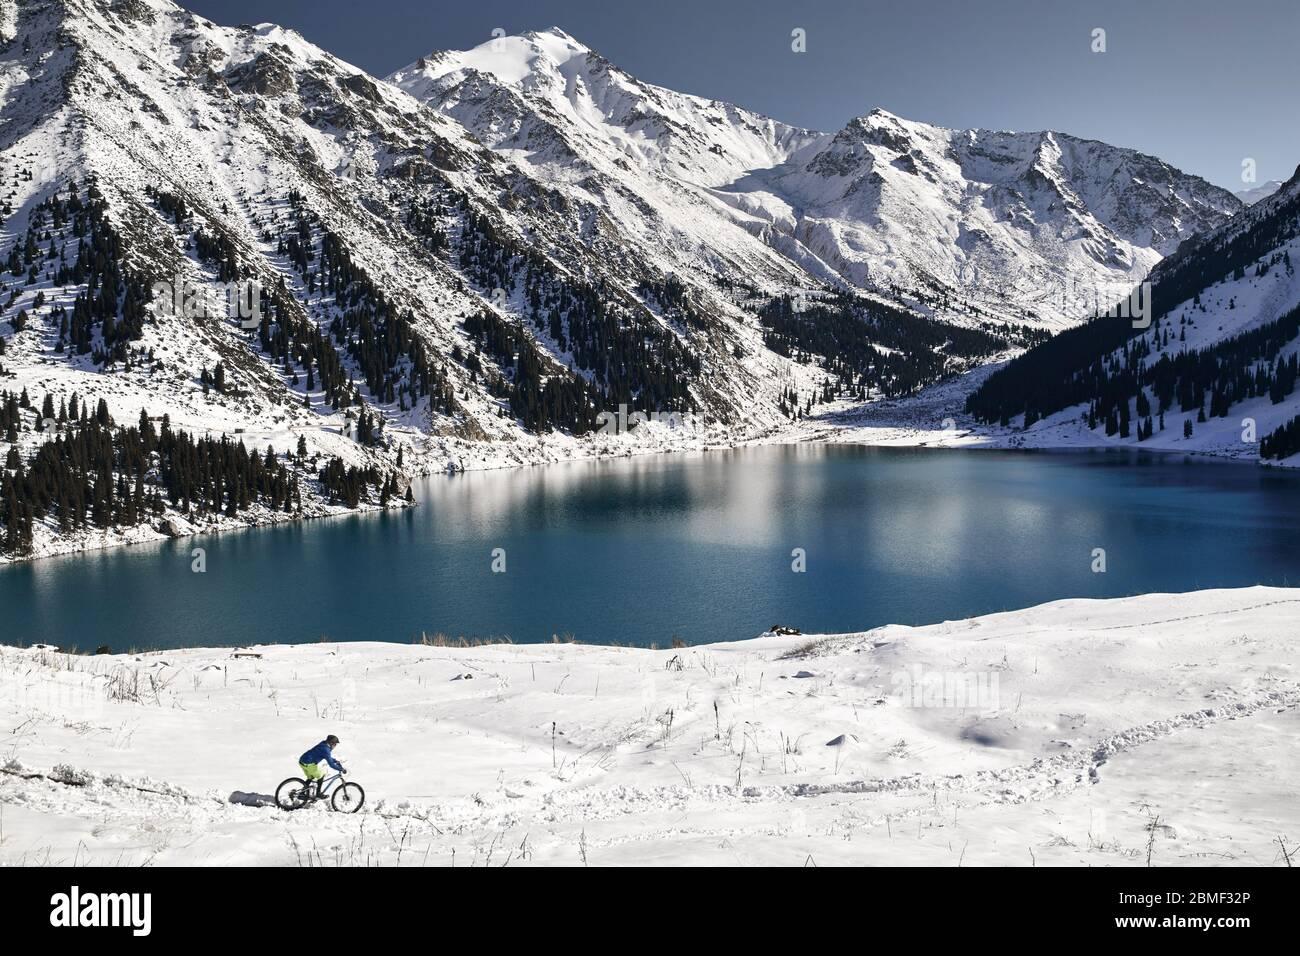 Radfahrer Fahrten auf Schnee Ufer des Bergsees in Almaty, Kasachstan Stockfoto